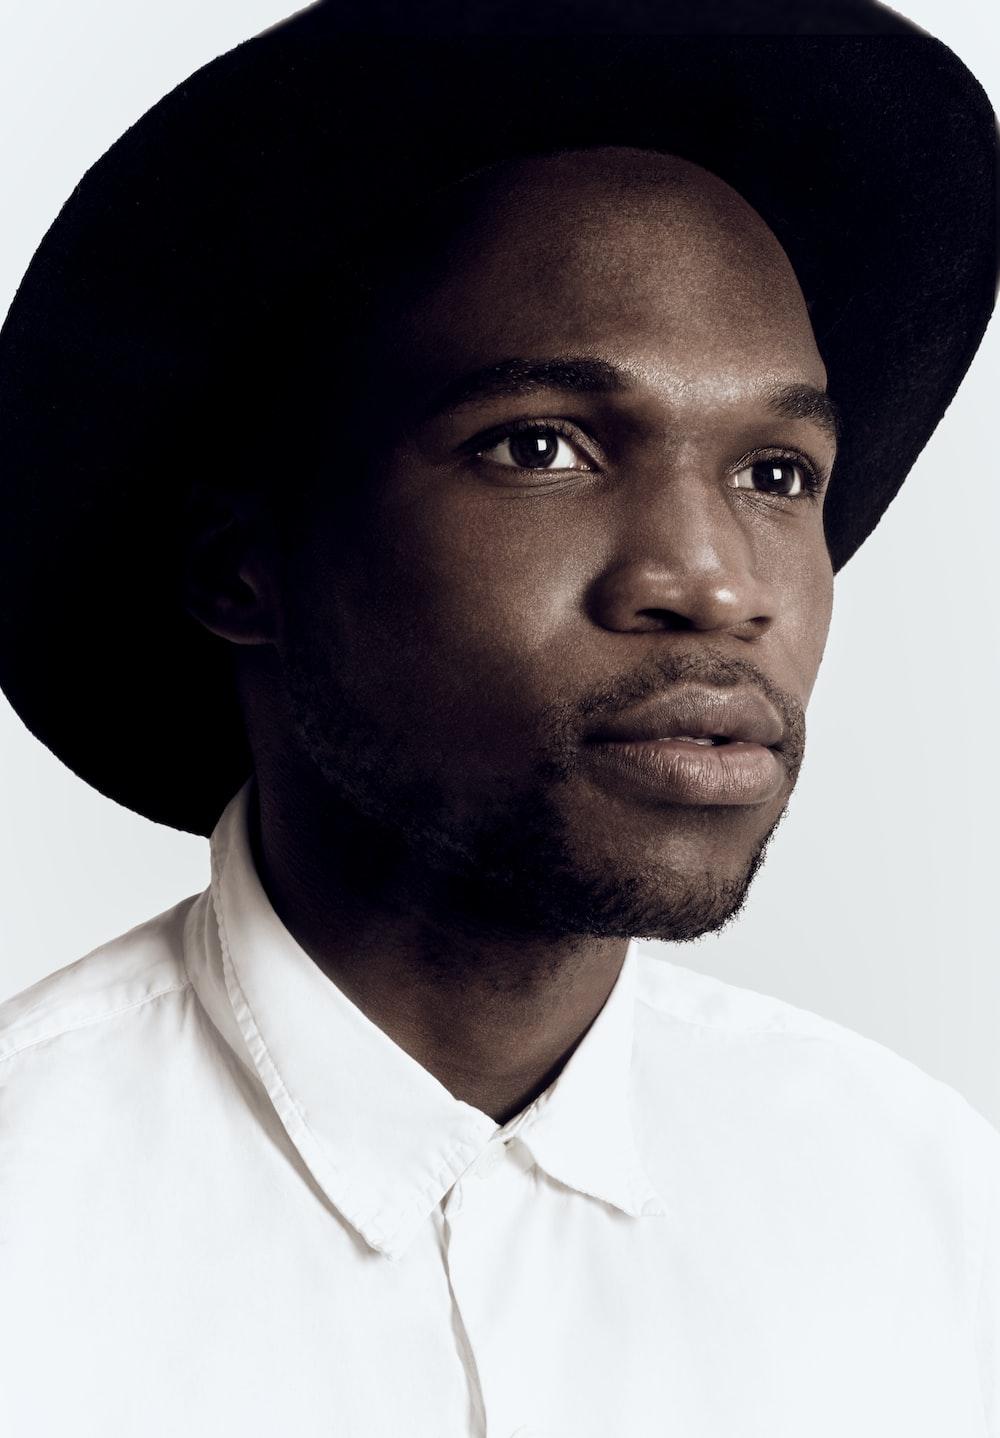 man in white dress shirt wearing black hat